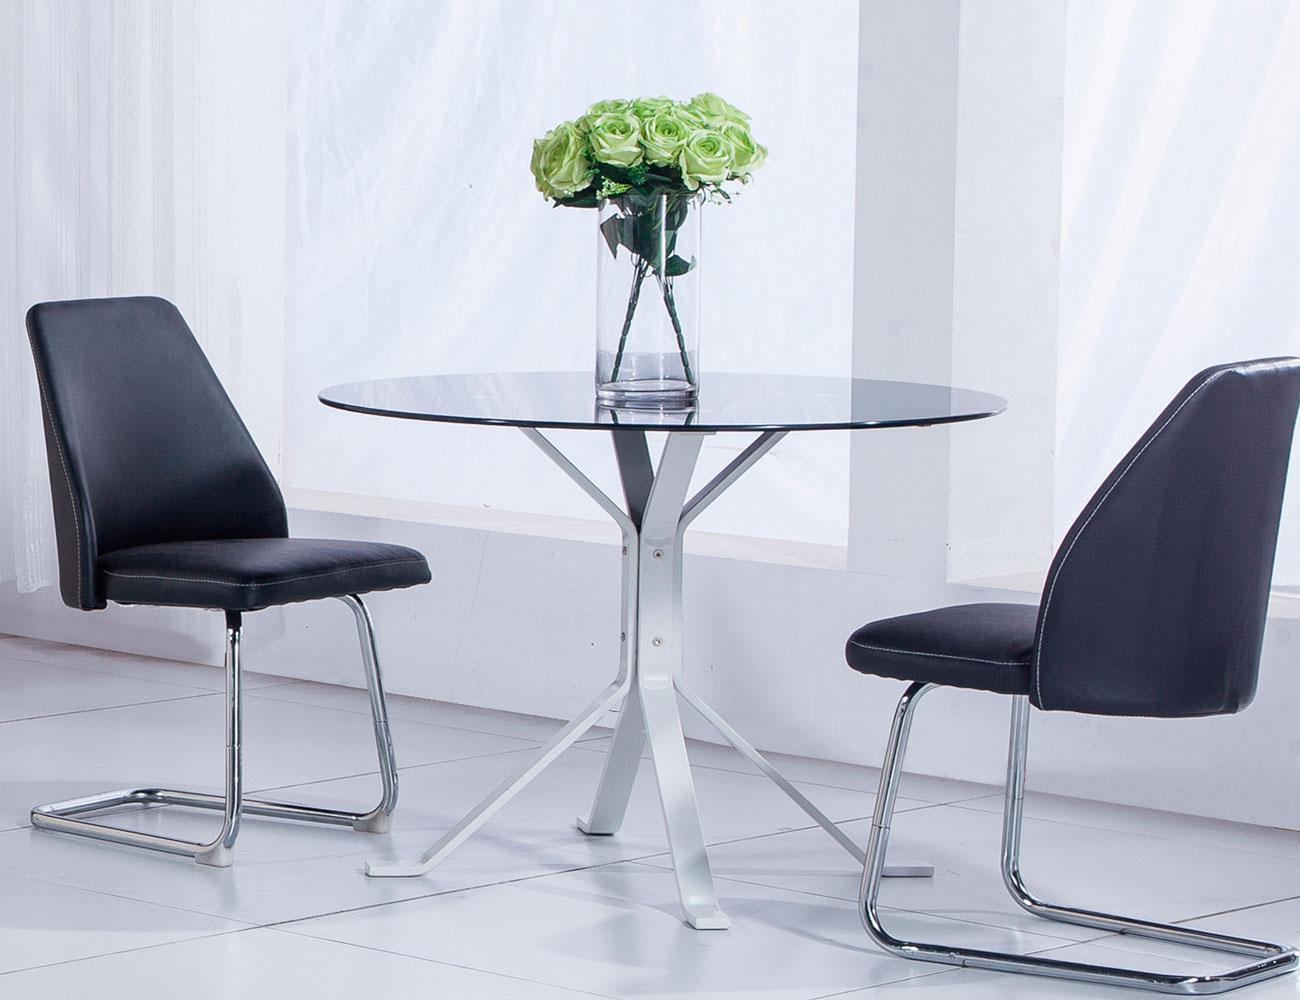 Stunning mesas de cristal redondas de comedor pictures - Mesa comedor cristal redonda ...